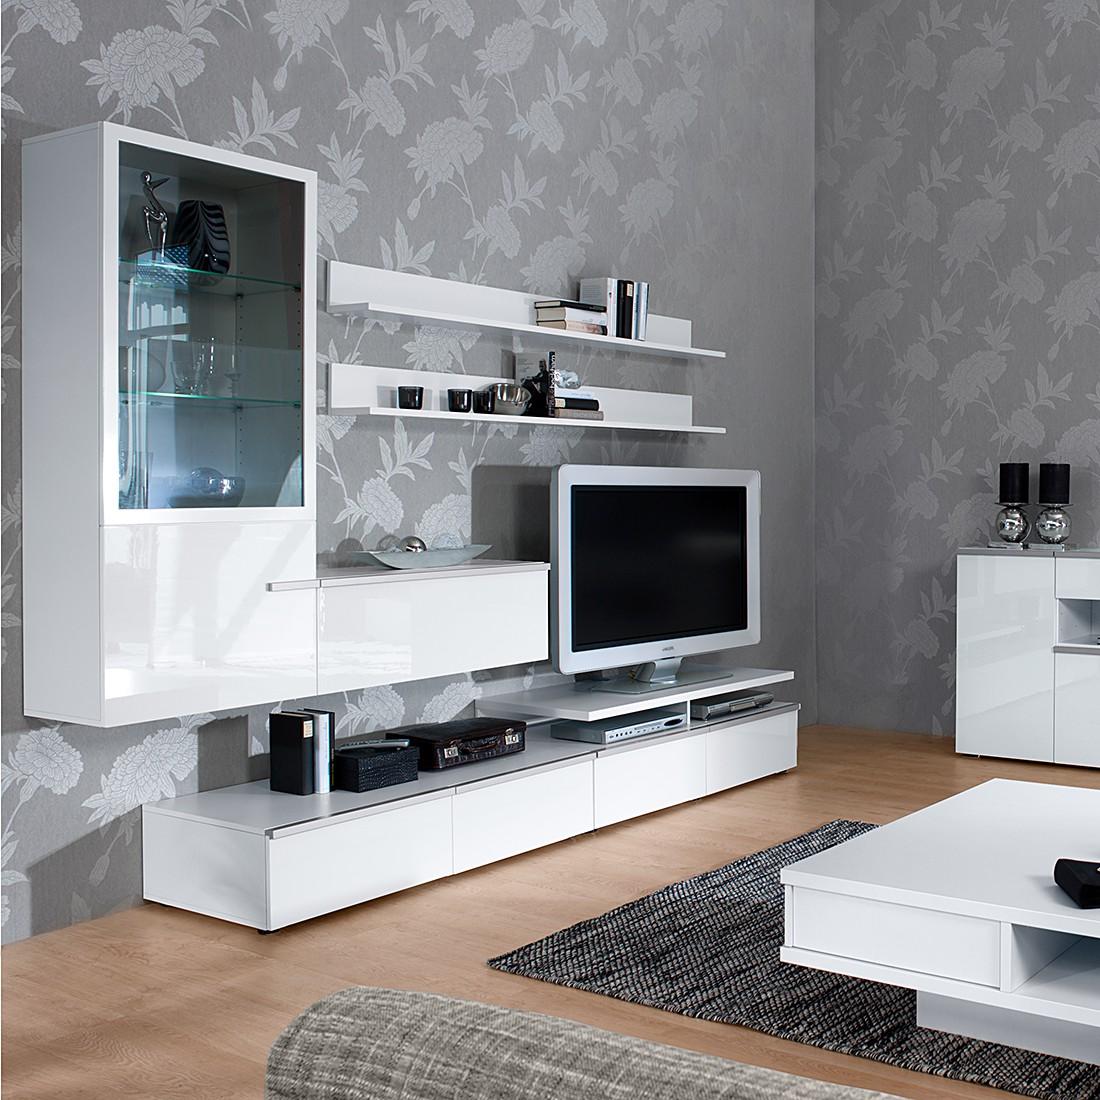 Quelle Wohnzimmermobel Natura Naturliches Wohnen Fur Ihr Zuhause